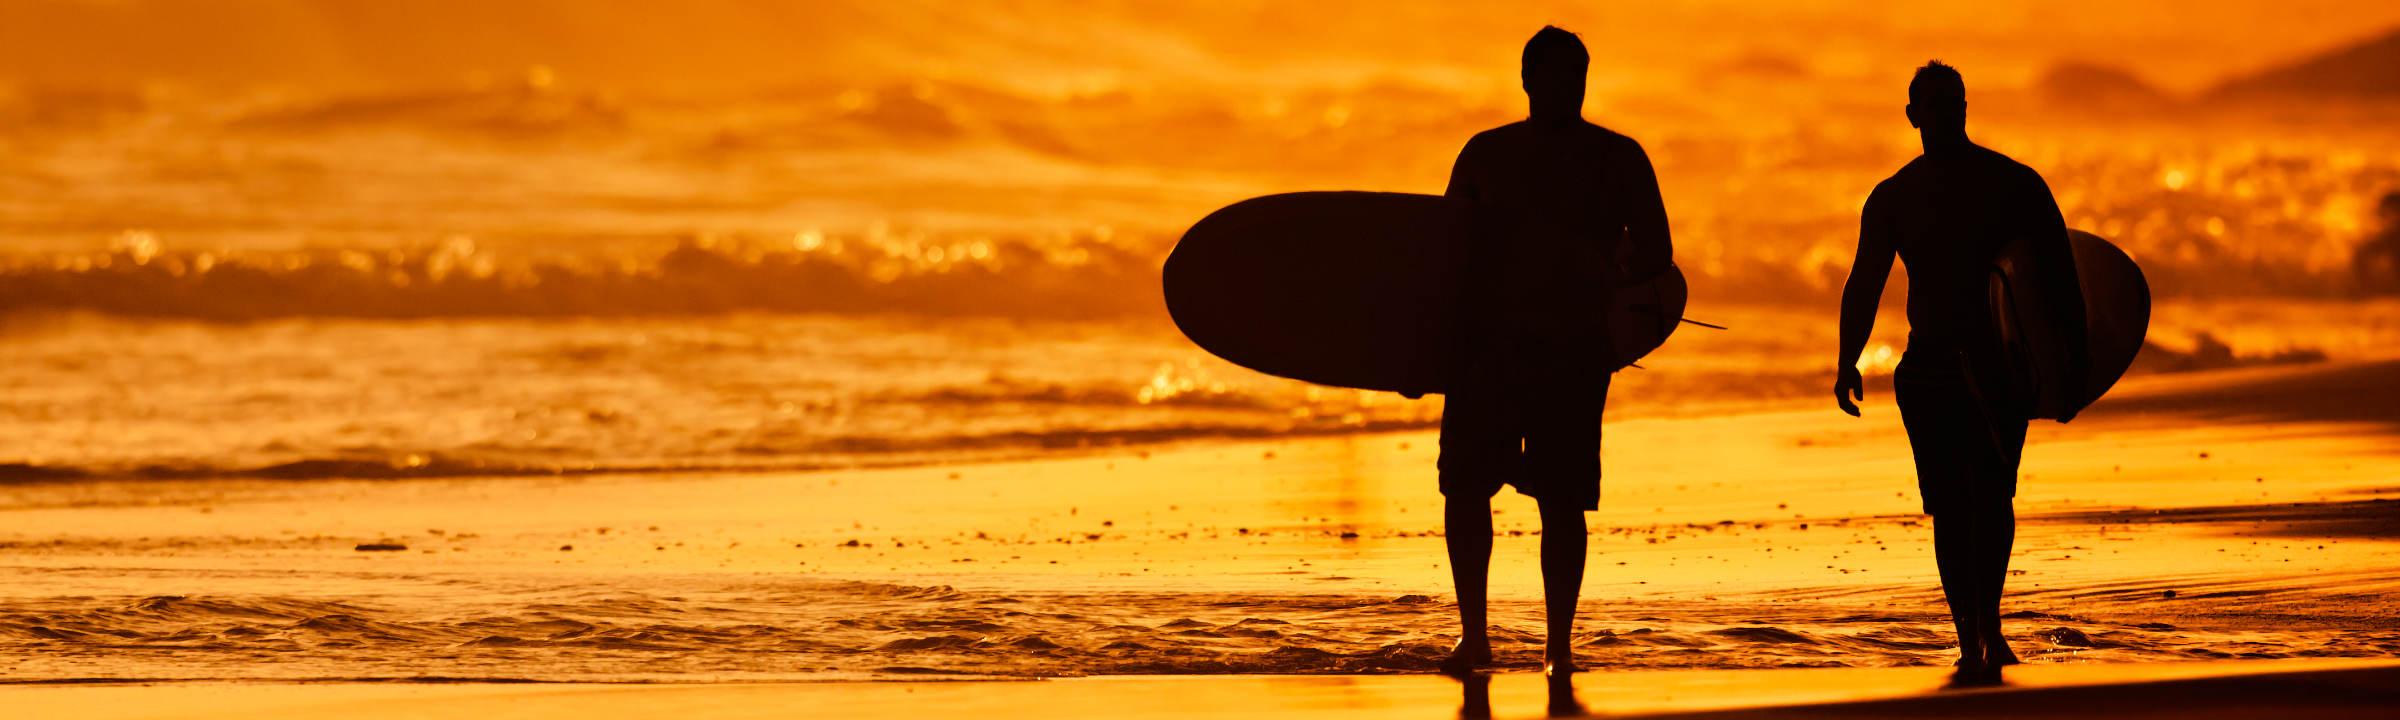 Surfen en reizen: als SEO-tekstschrijver heb je die vrijheid